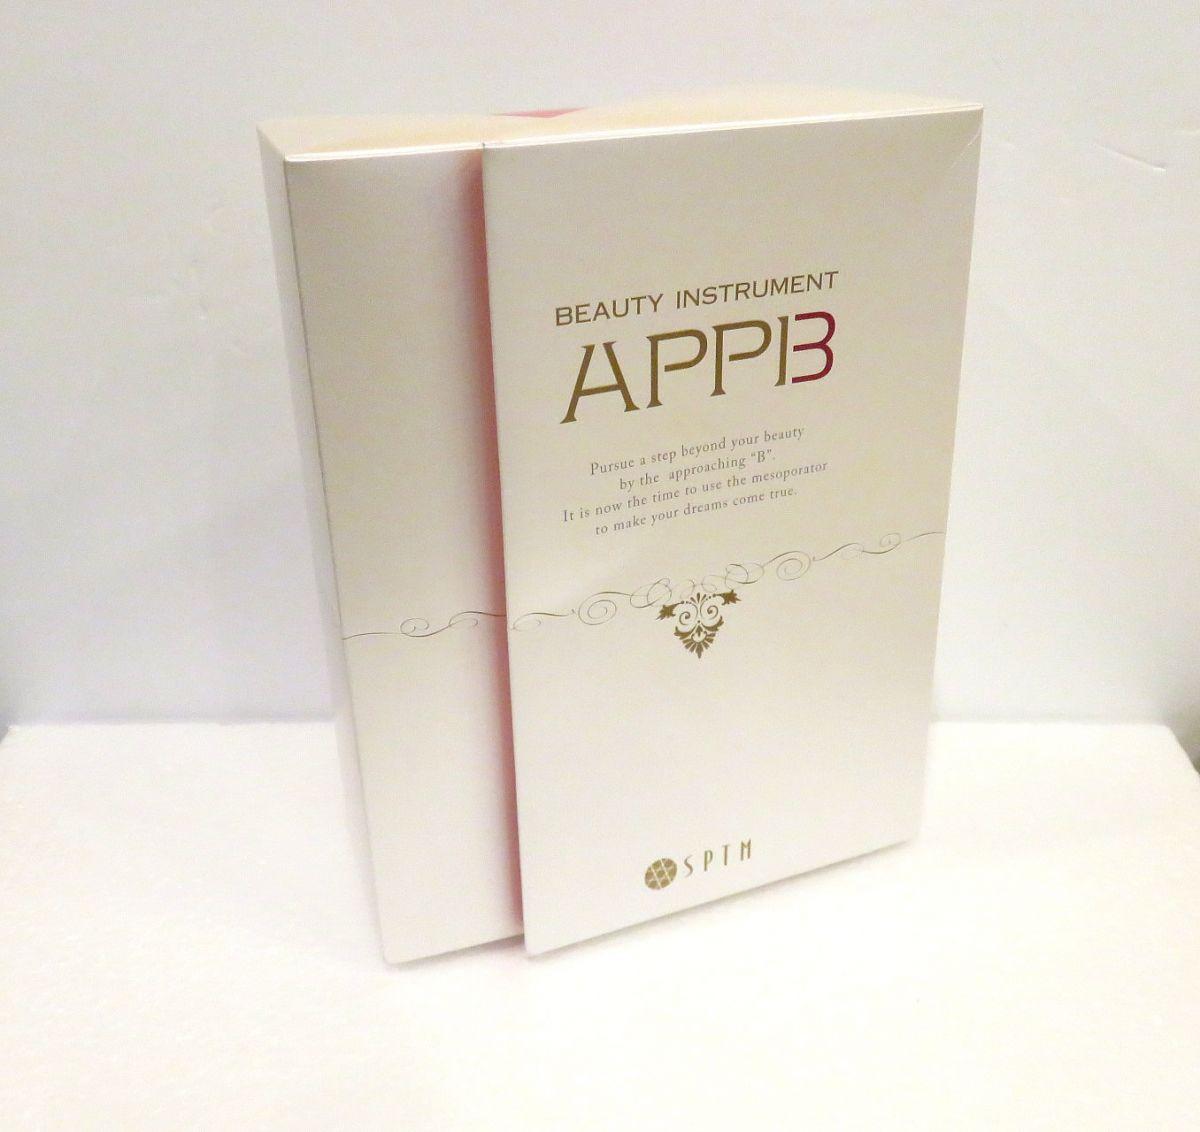 【送料無料】【超美品】セプテム APPB アップビー〈メソポレーター(美容機器)〉